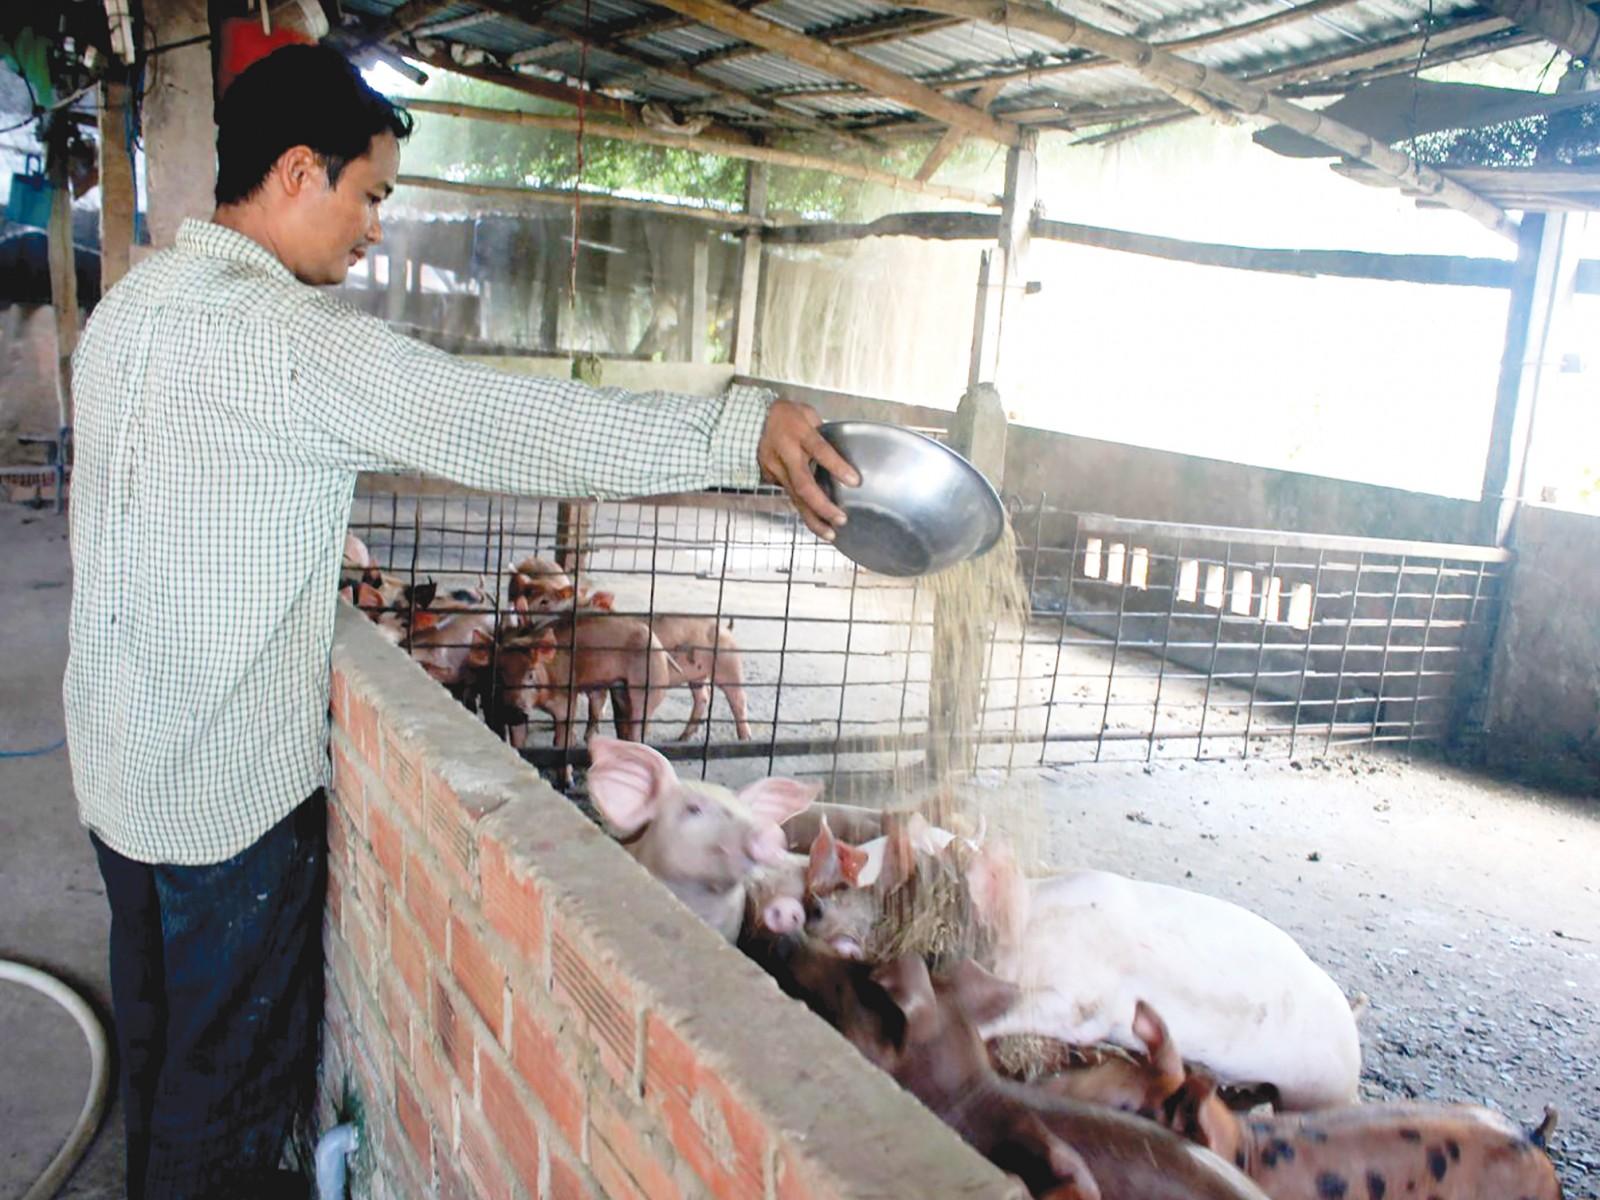 Chăn nuôi heo tại một hộ dân ở quận Ô Môn, TP Cần Thơ.